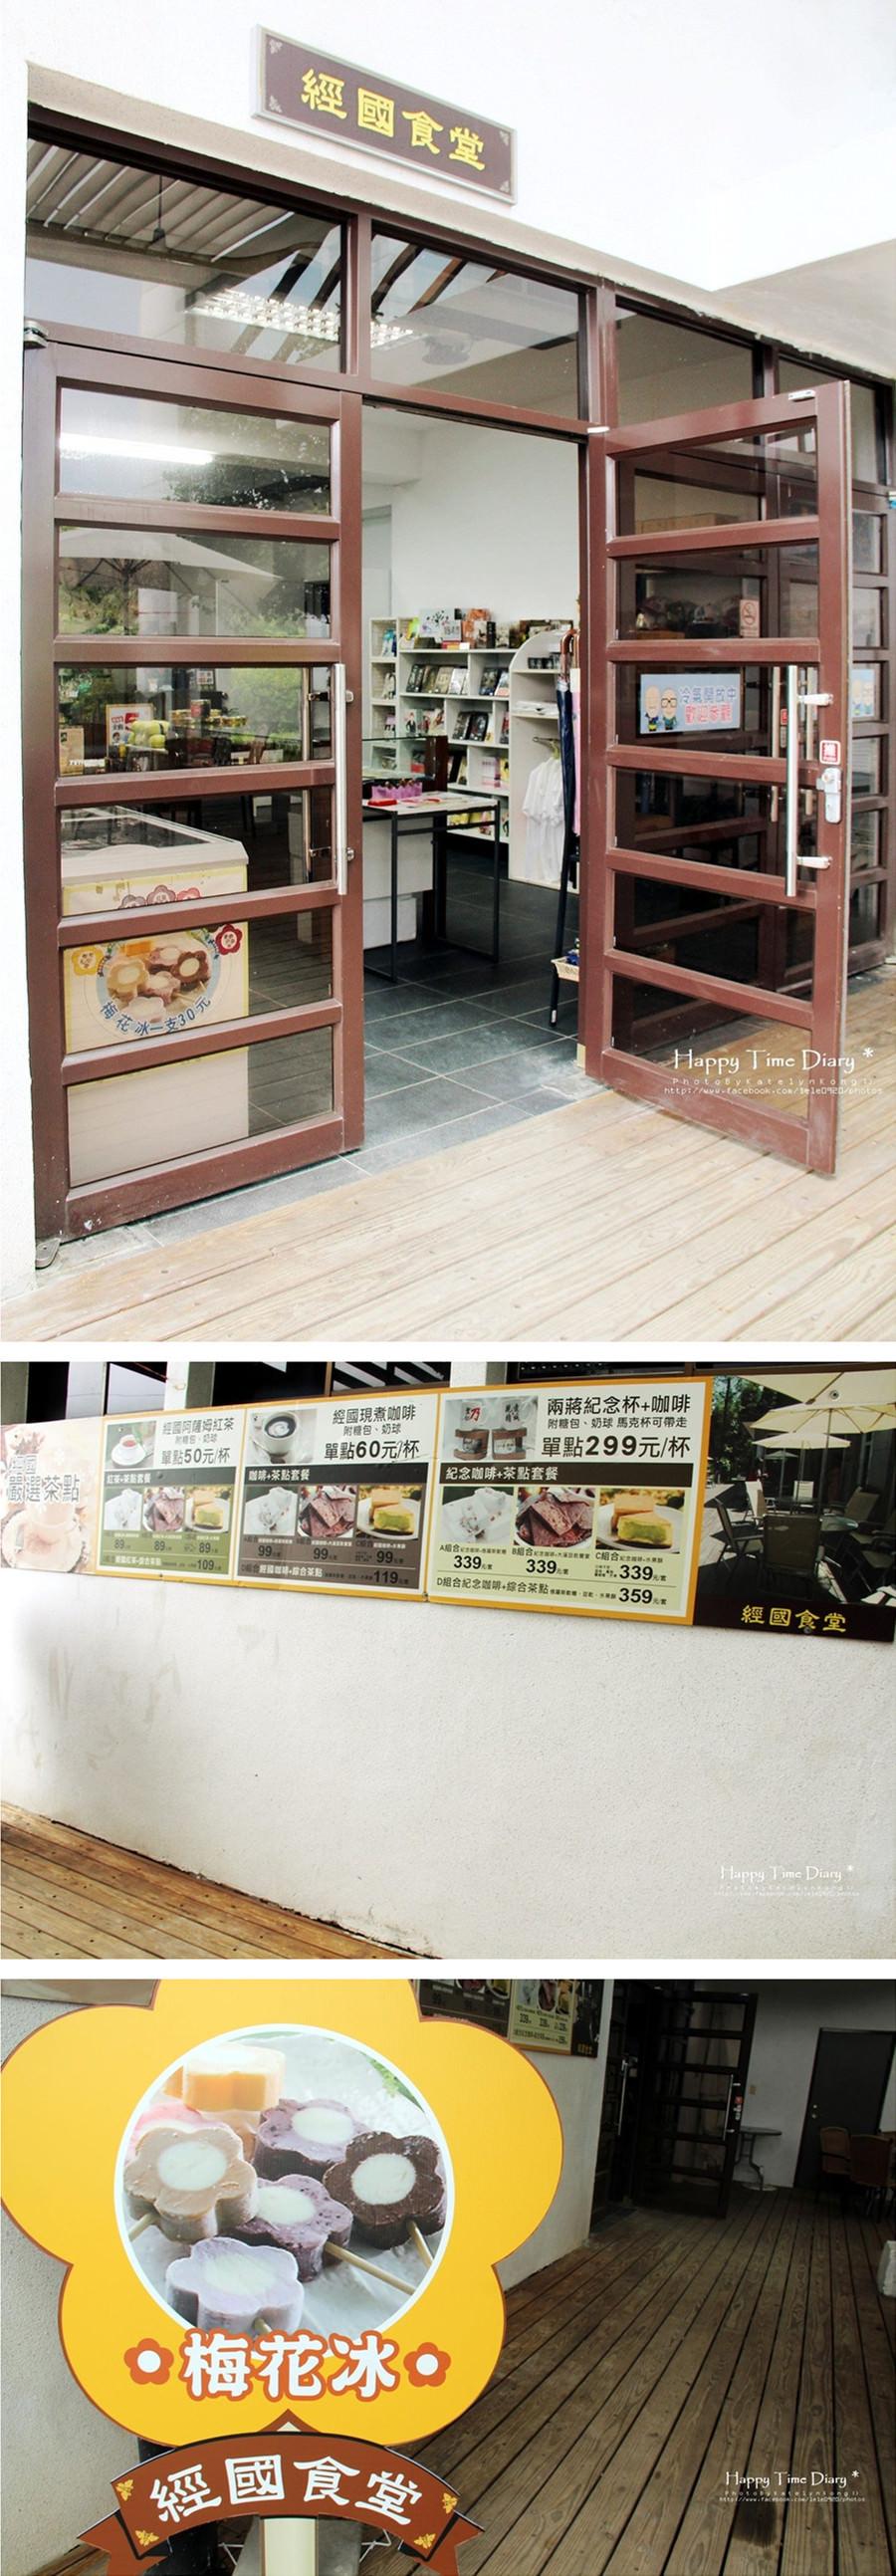 頭寮經國紀念館 大溪遊客中心